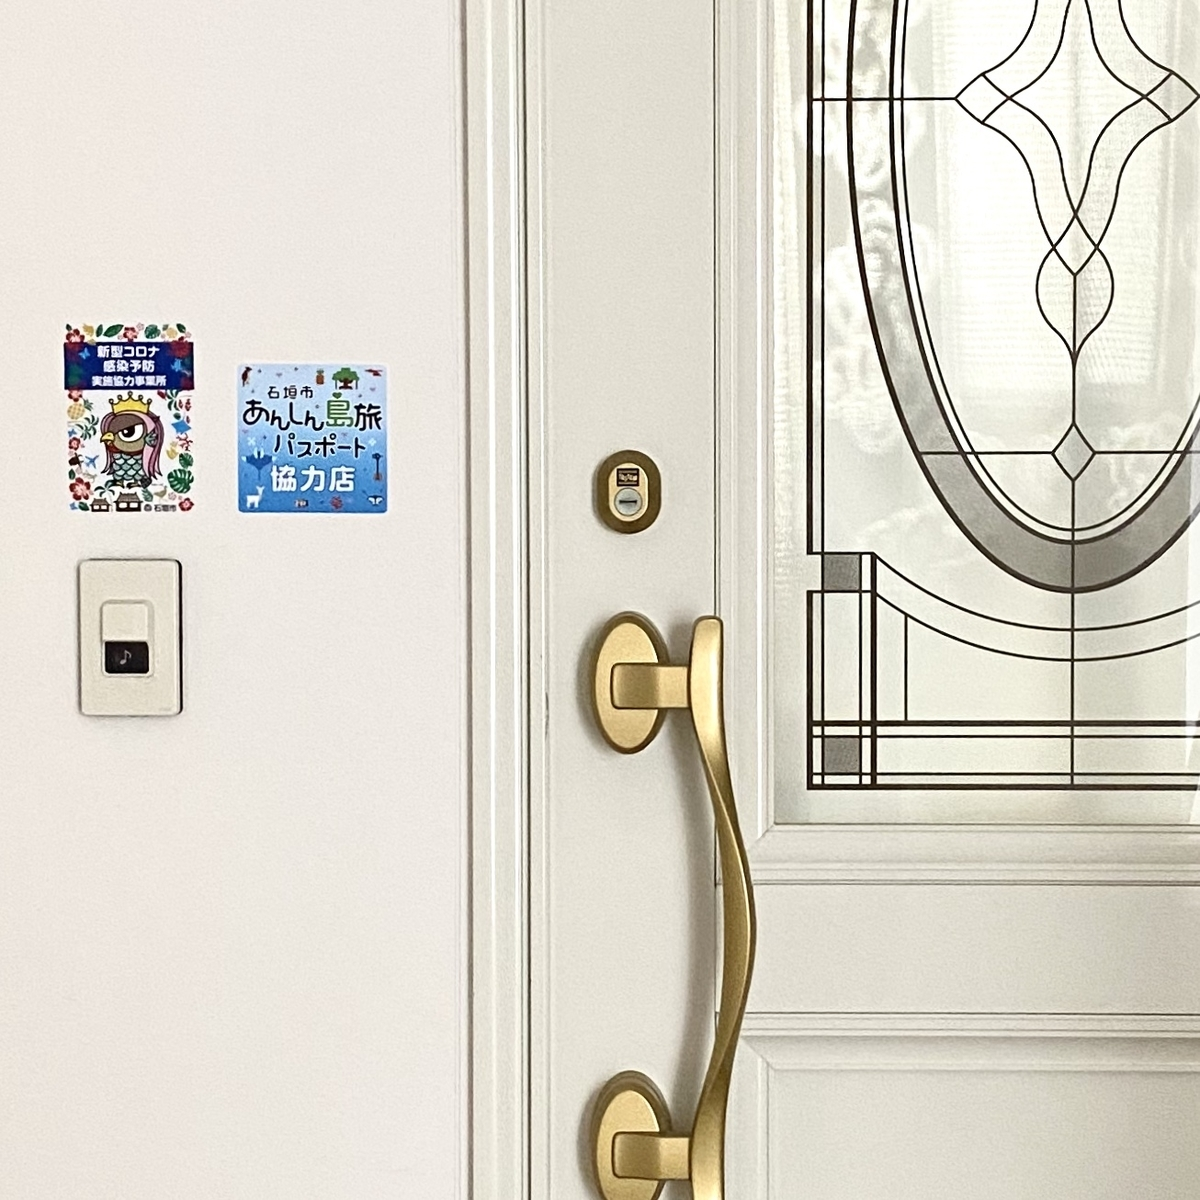 f:id:guestroomarunishigaki:20201004080316j:plain